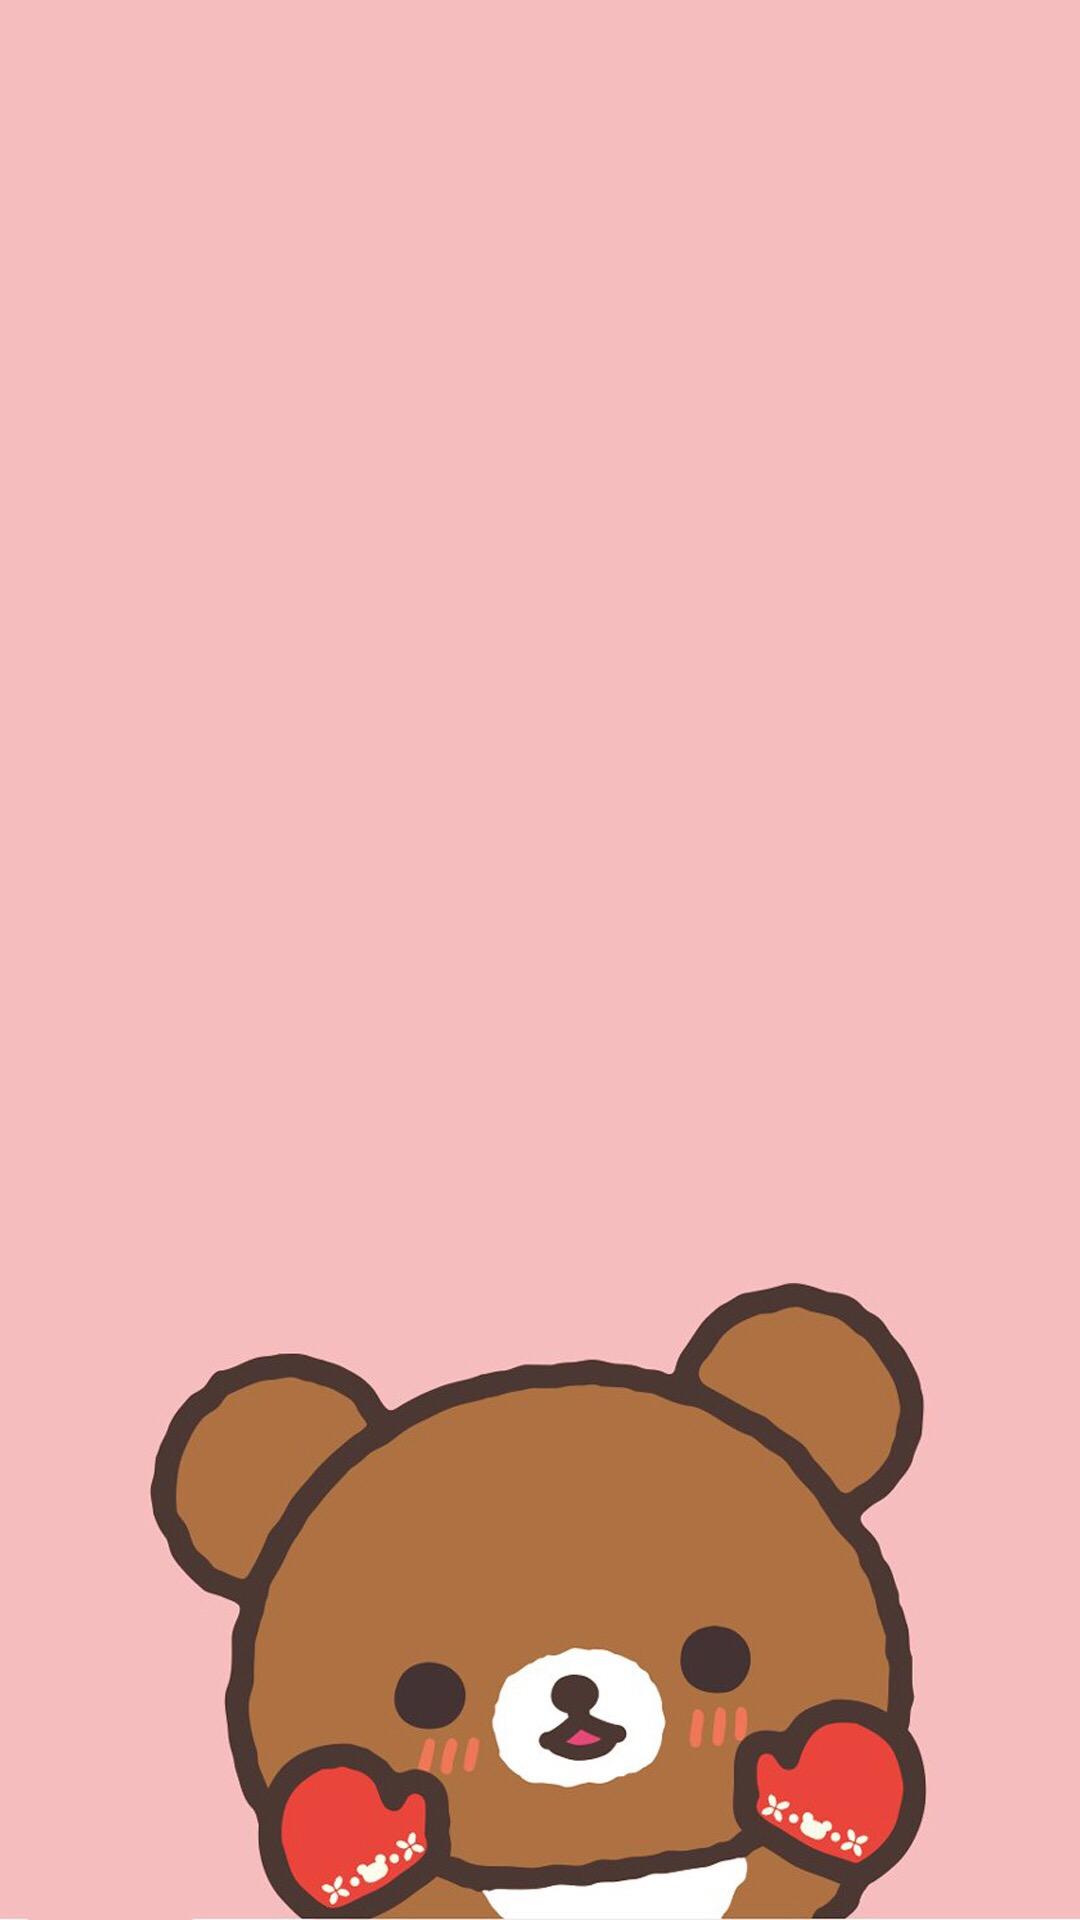 电脑上wap网:卡通 动漫 可爱熊 粉 苹果手机高清壁纸 1080x1920_爱思